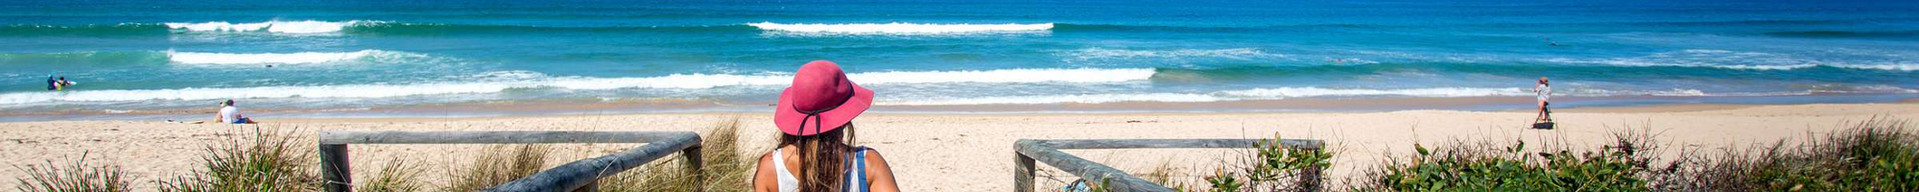 Merimbula_beach_in_summer_2400_1600_60_i